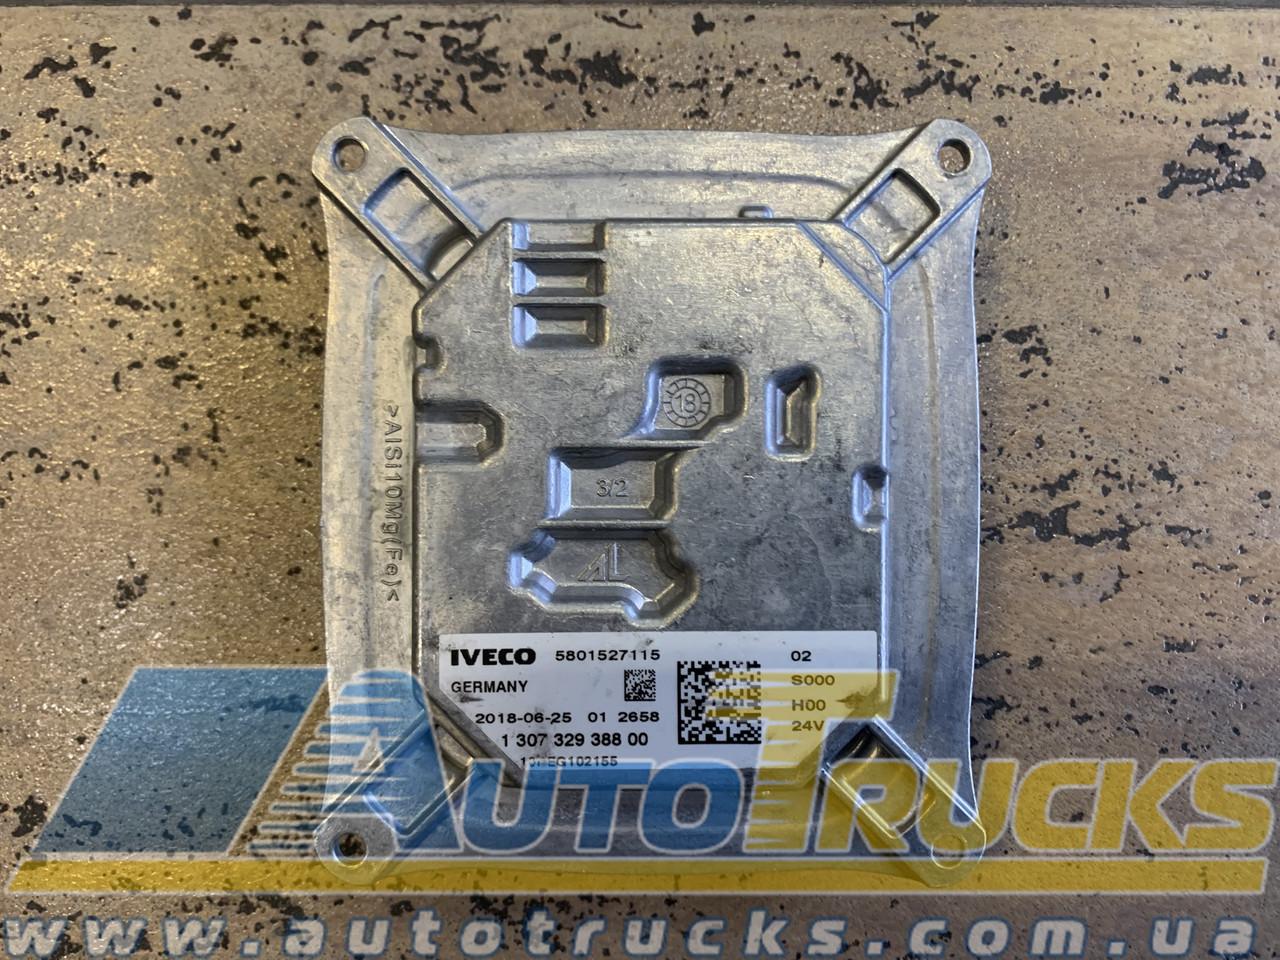 Блок розжига 24V Б/у для IVECO (130732938800; 5801527115)